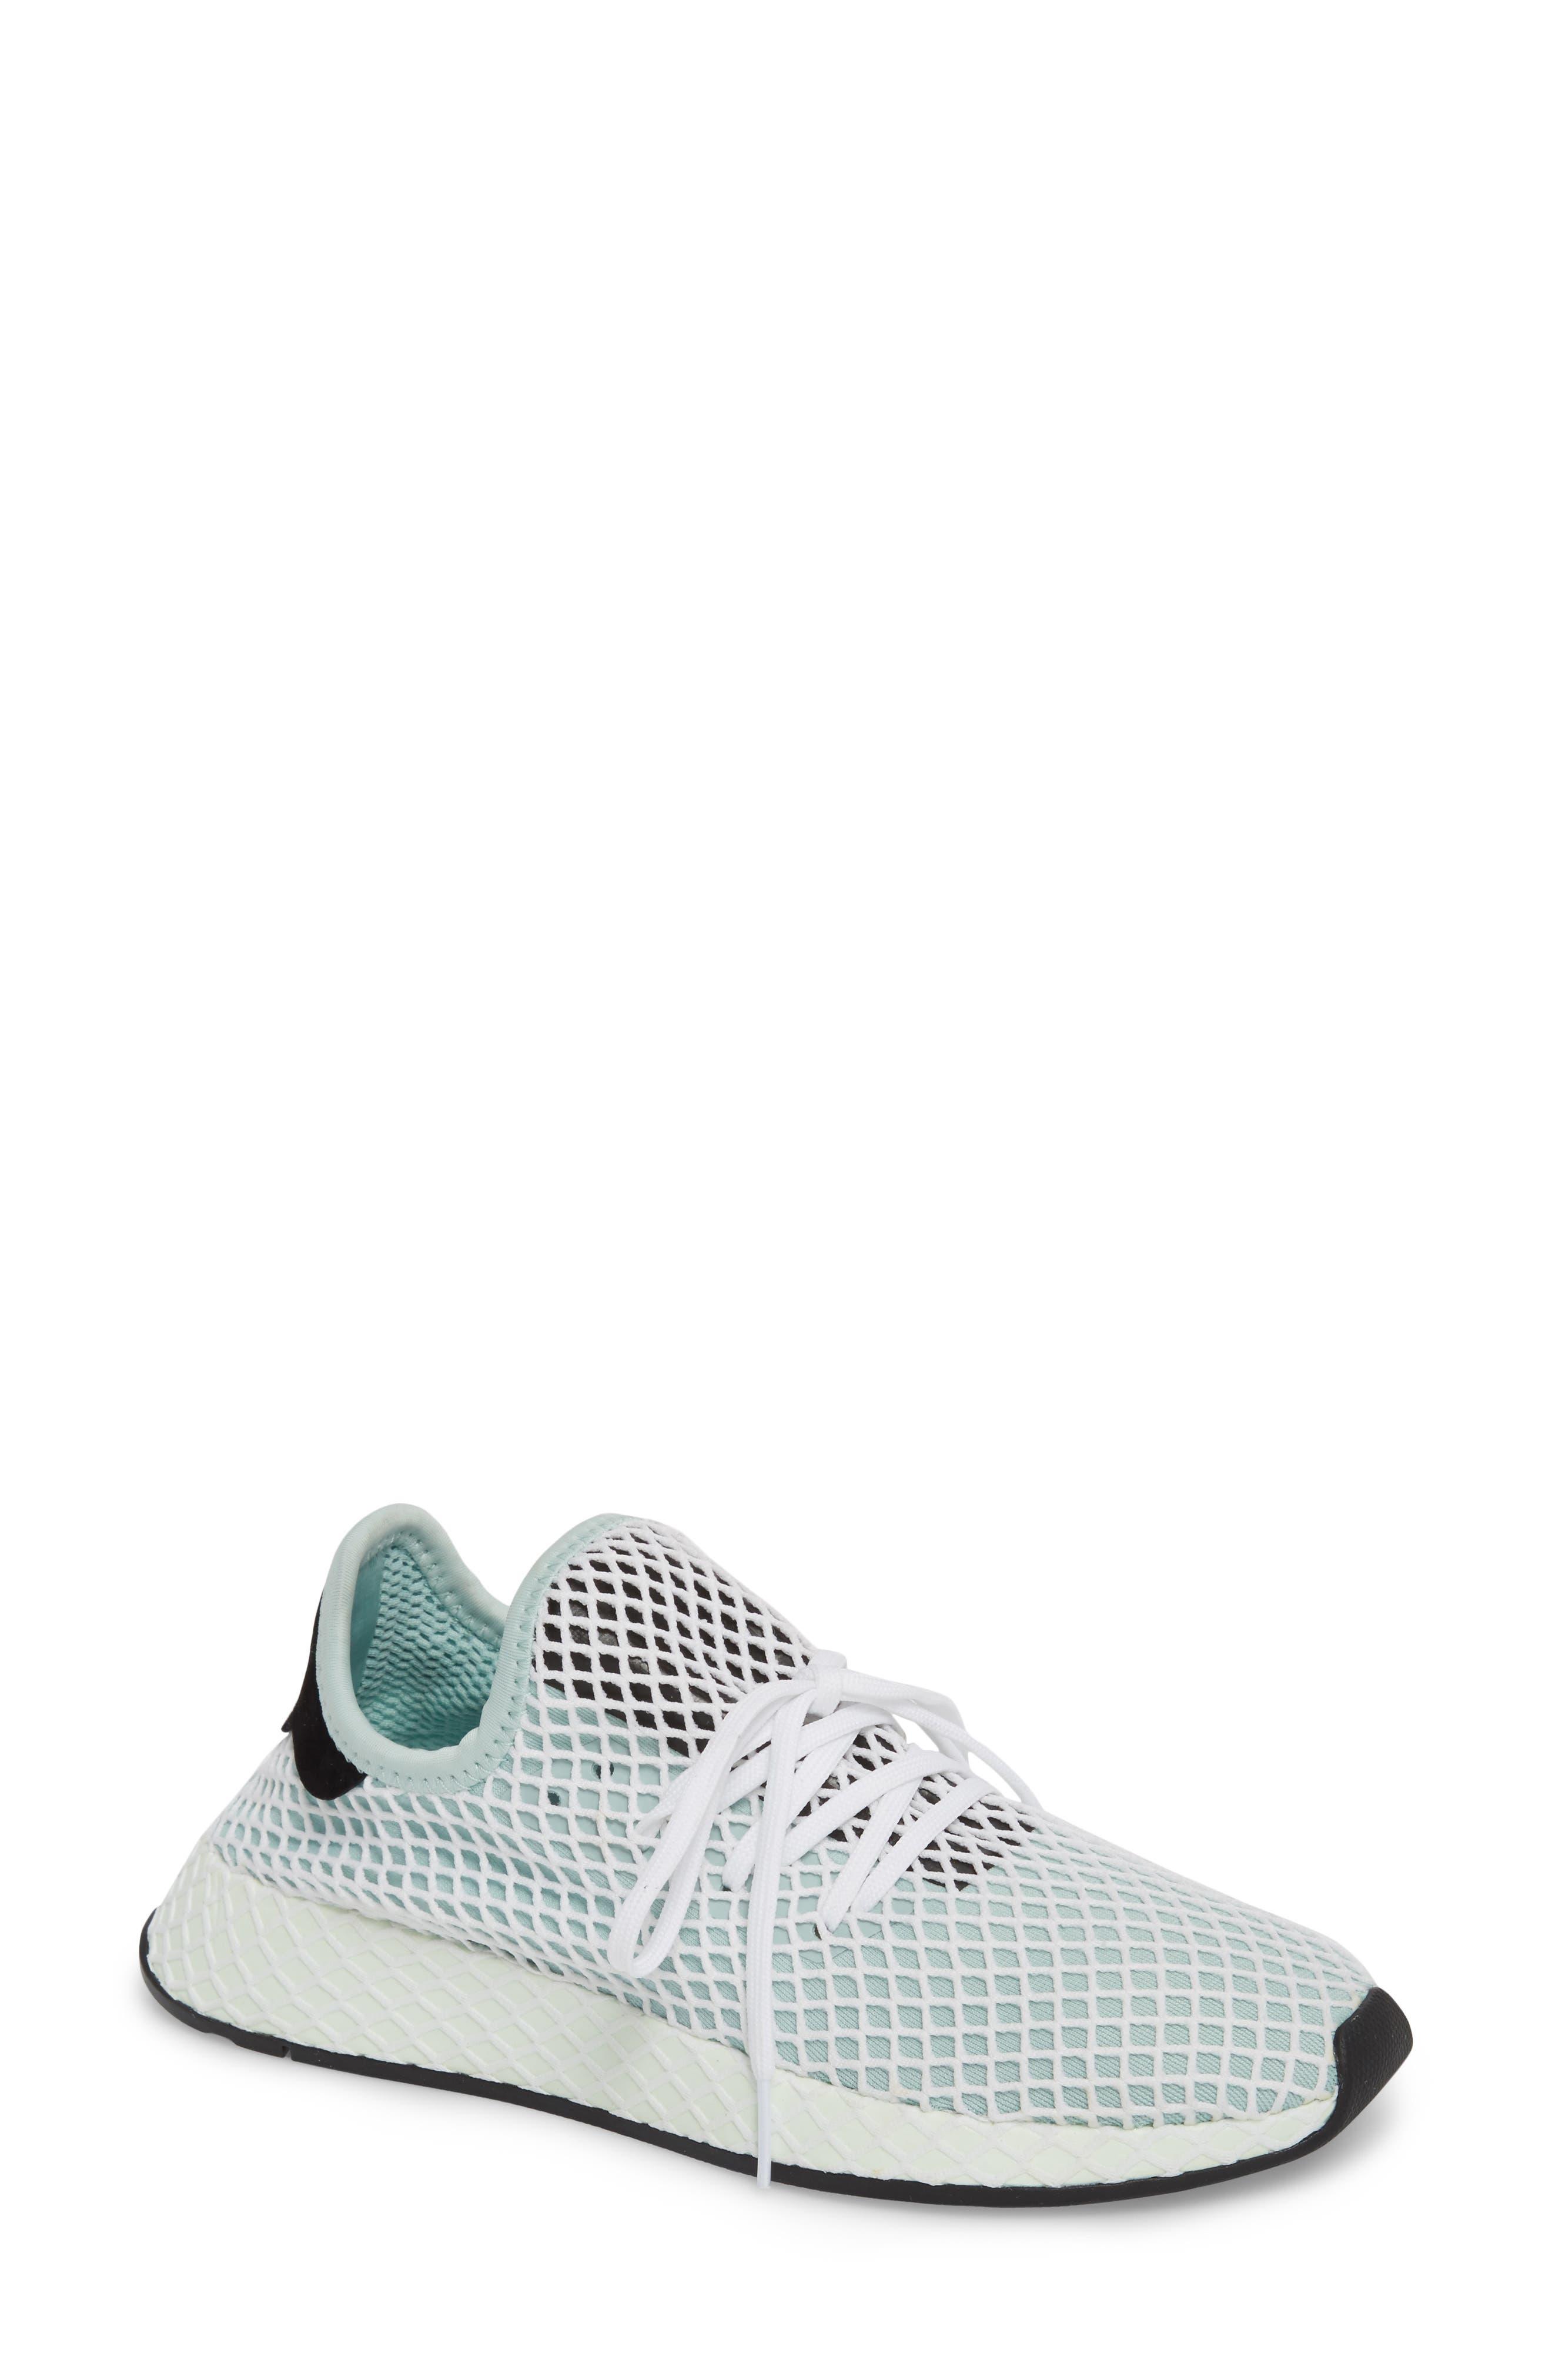 Deerupt Runner Sneaker,                         Main,                         color, ASH GREEN/ ASH GREEN